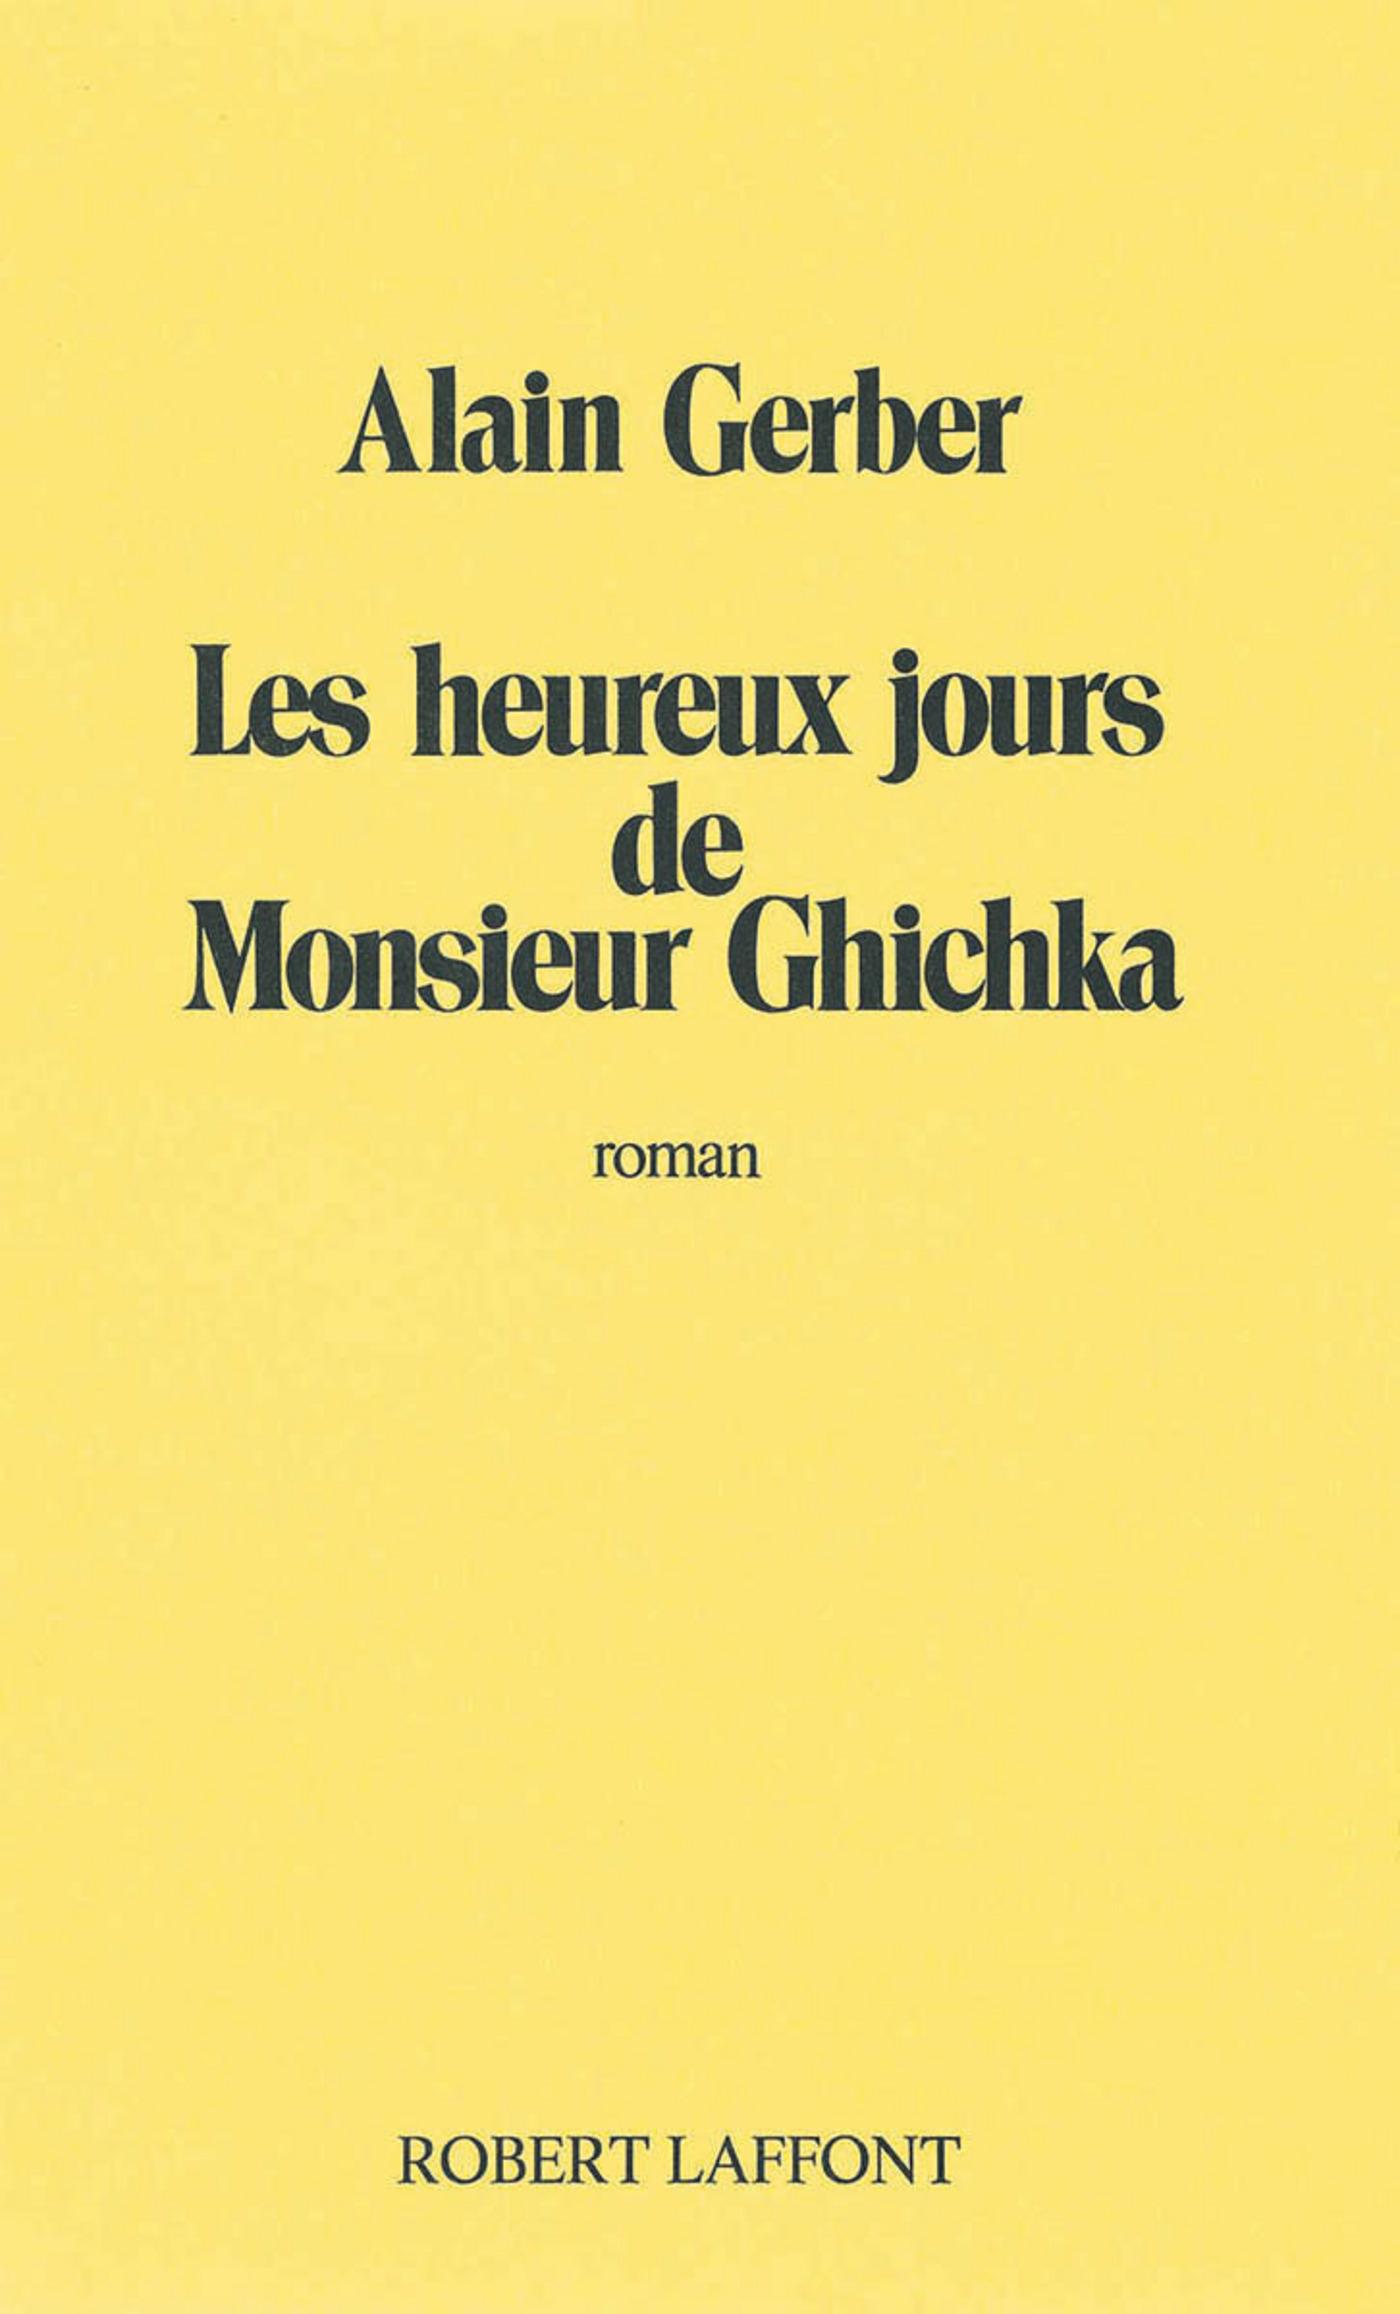 Les Heureux jours de Monsieur Ghichka (ebook)